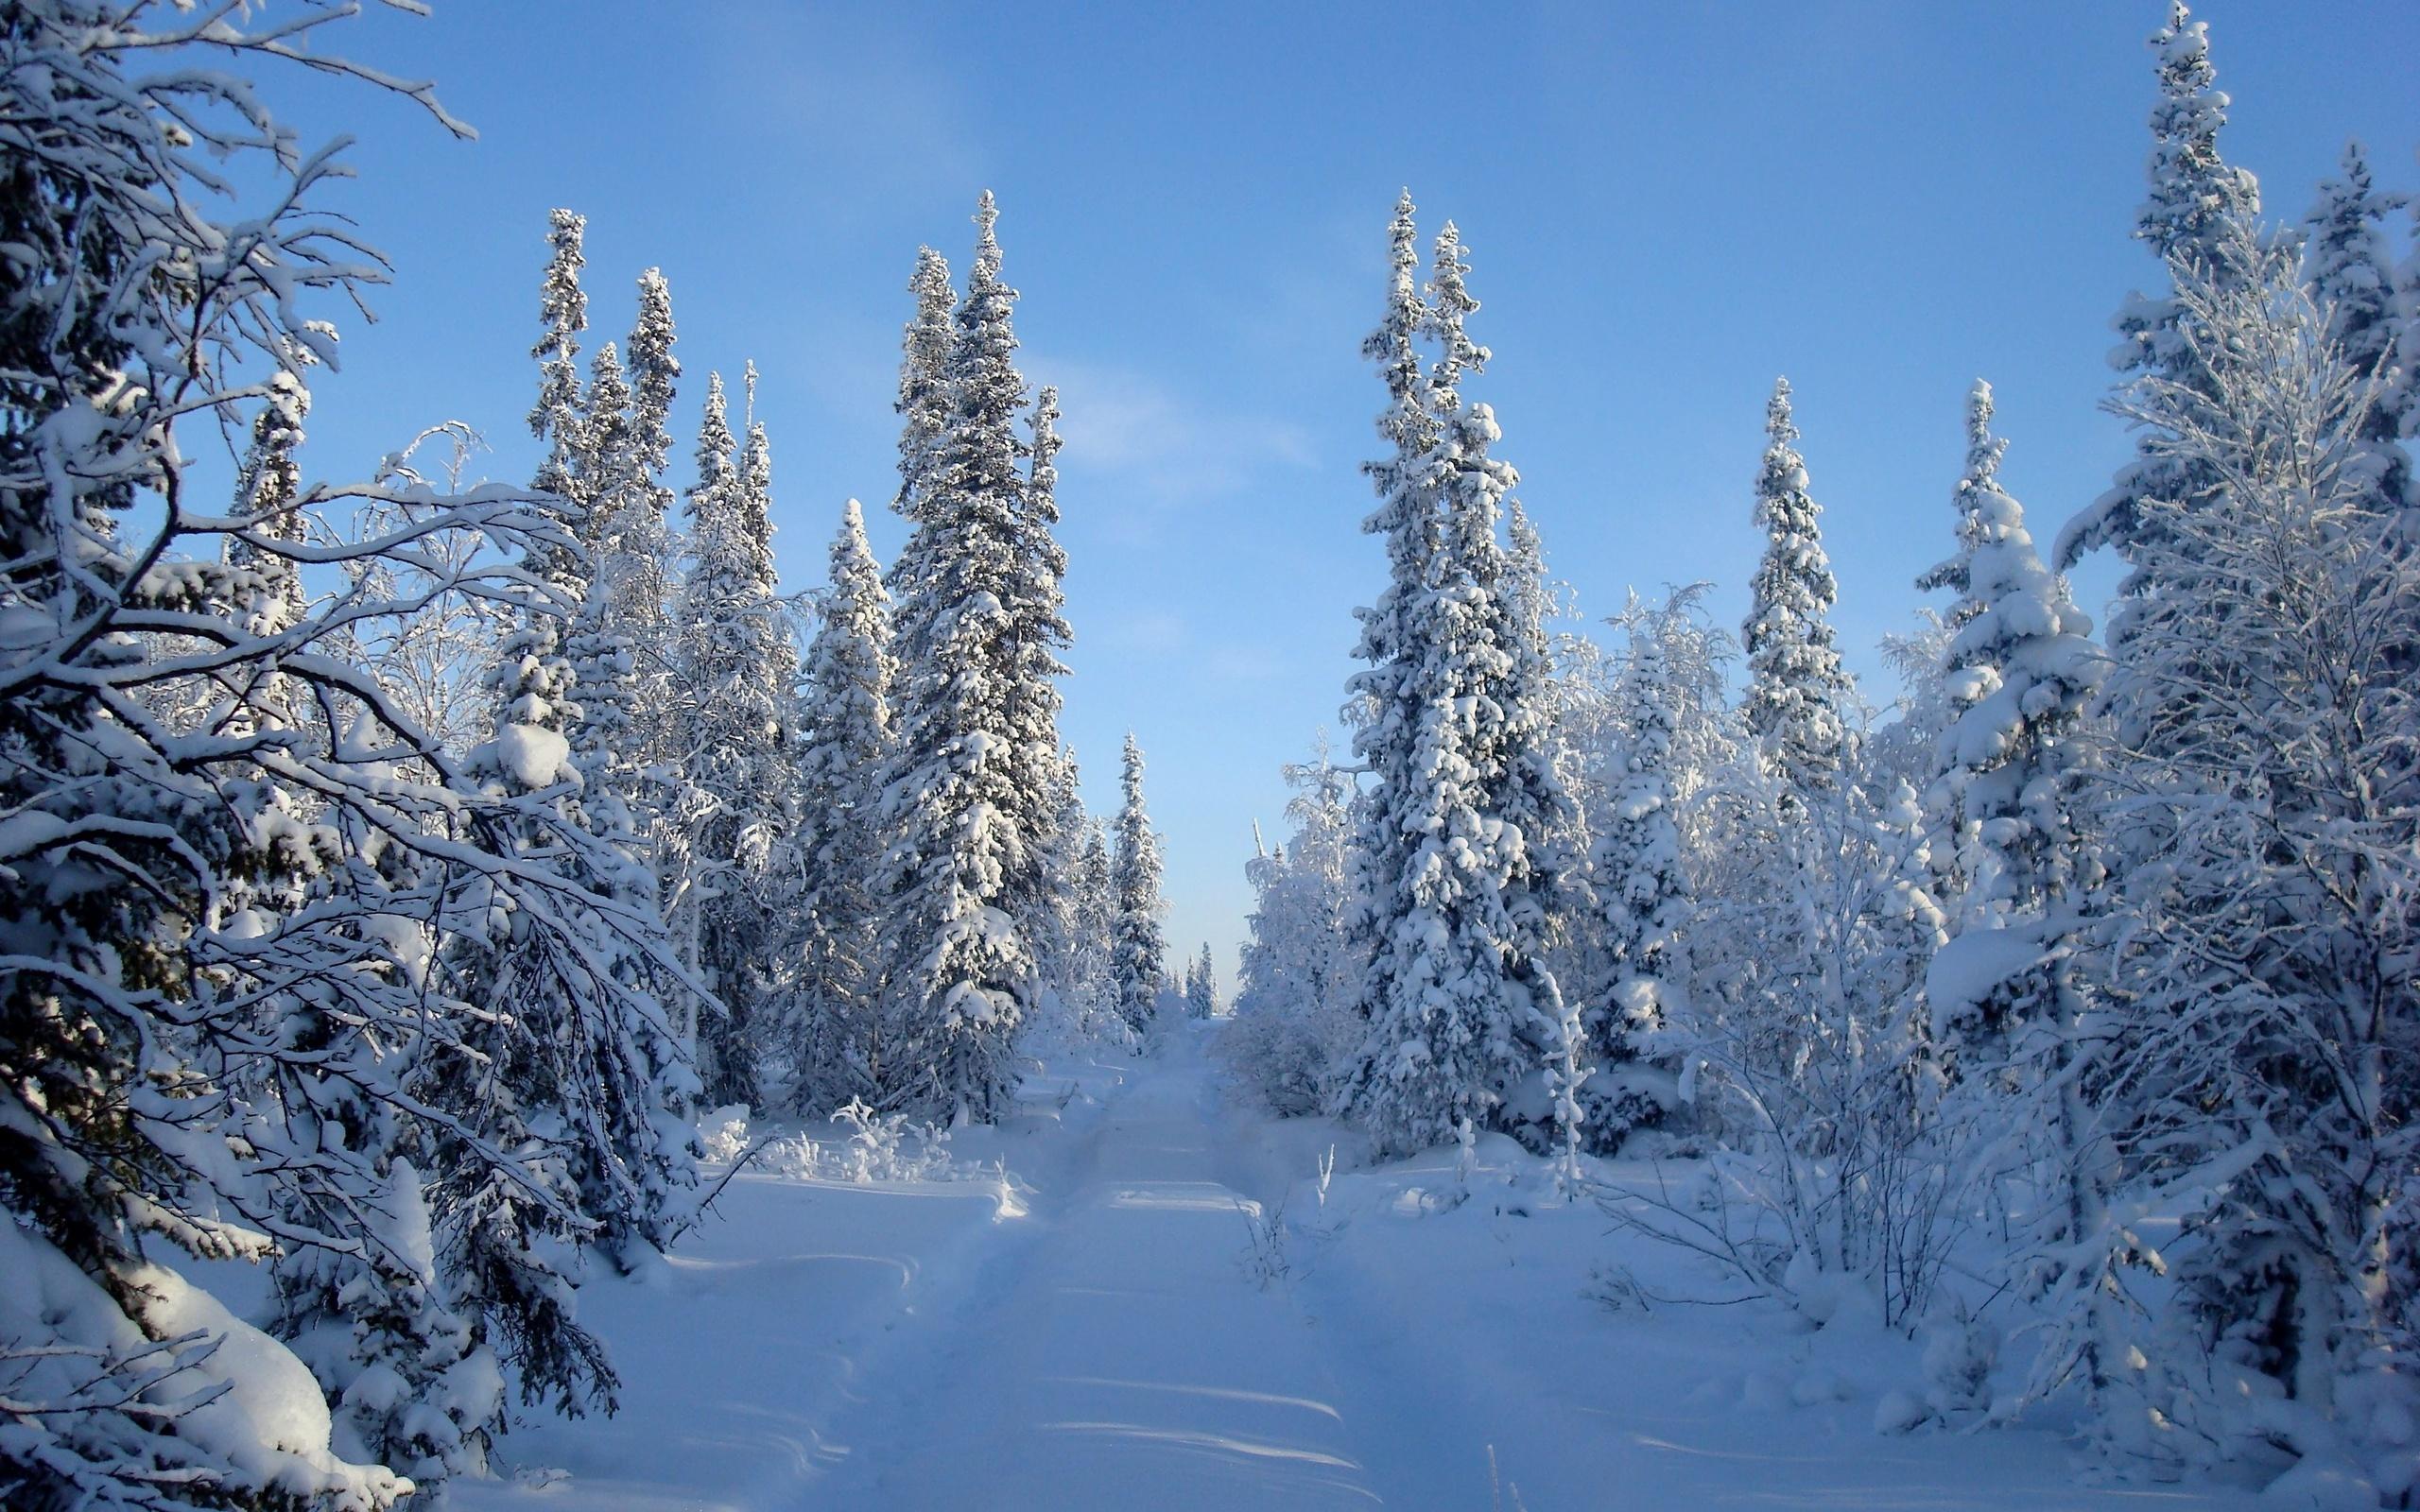 День матери, картинки зимнего леса в хорошем качестве